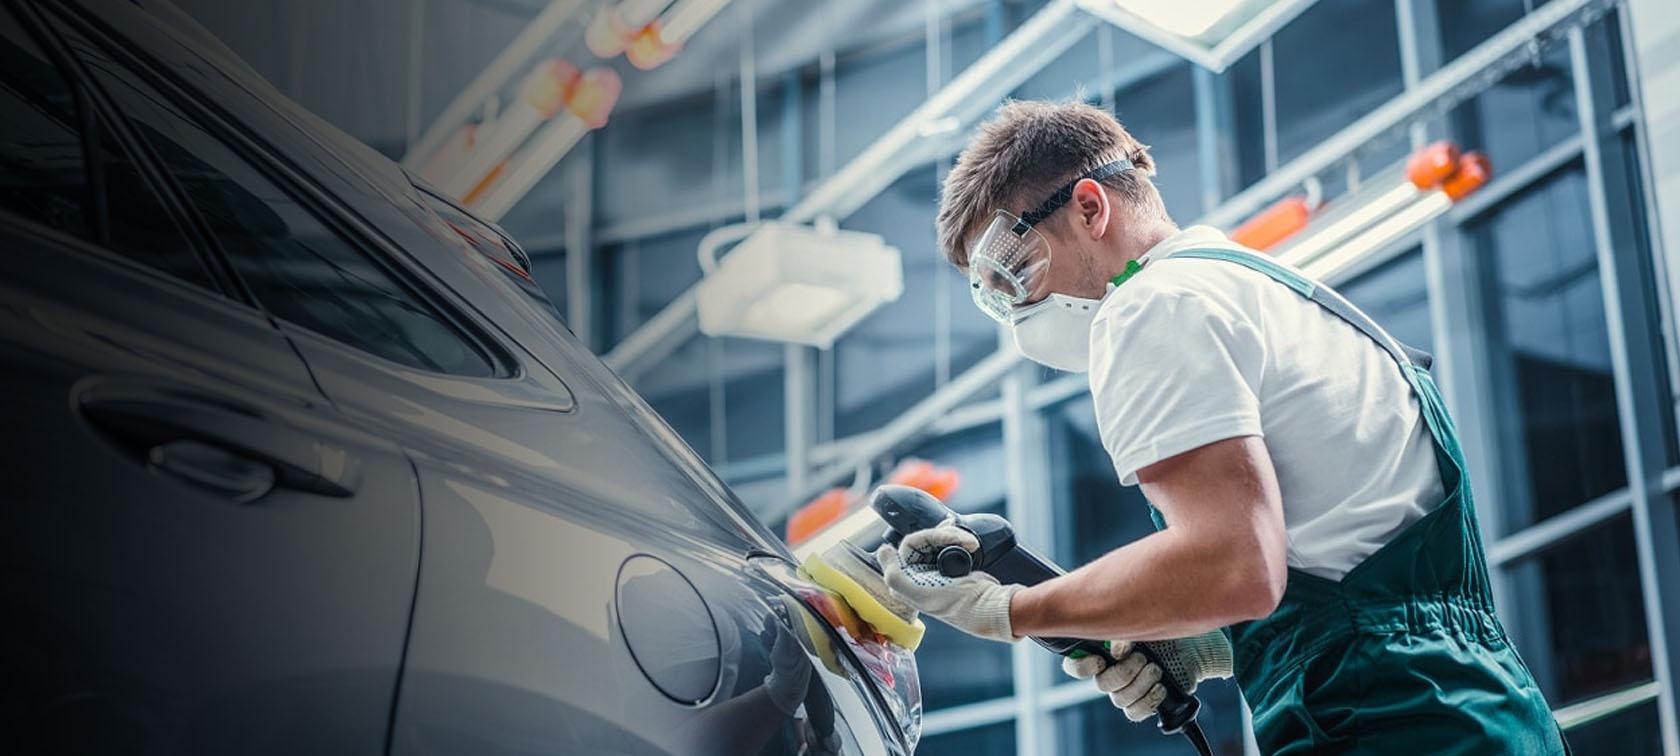 automotive-body-care